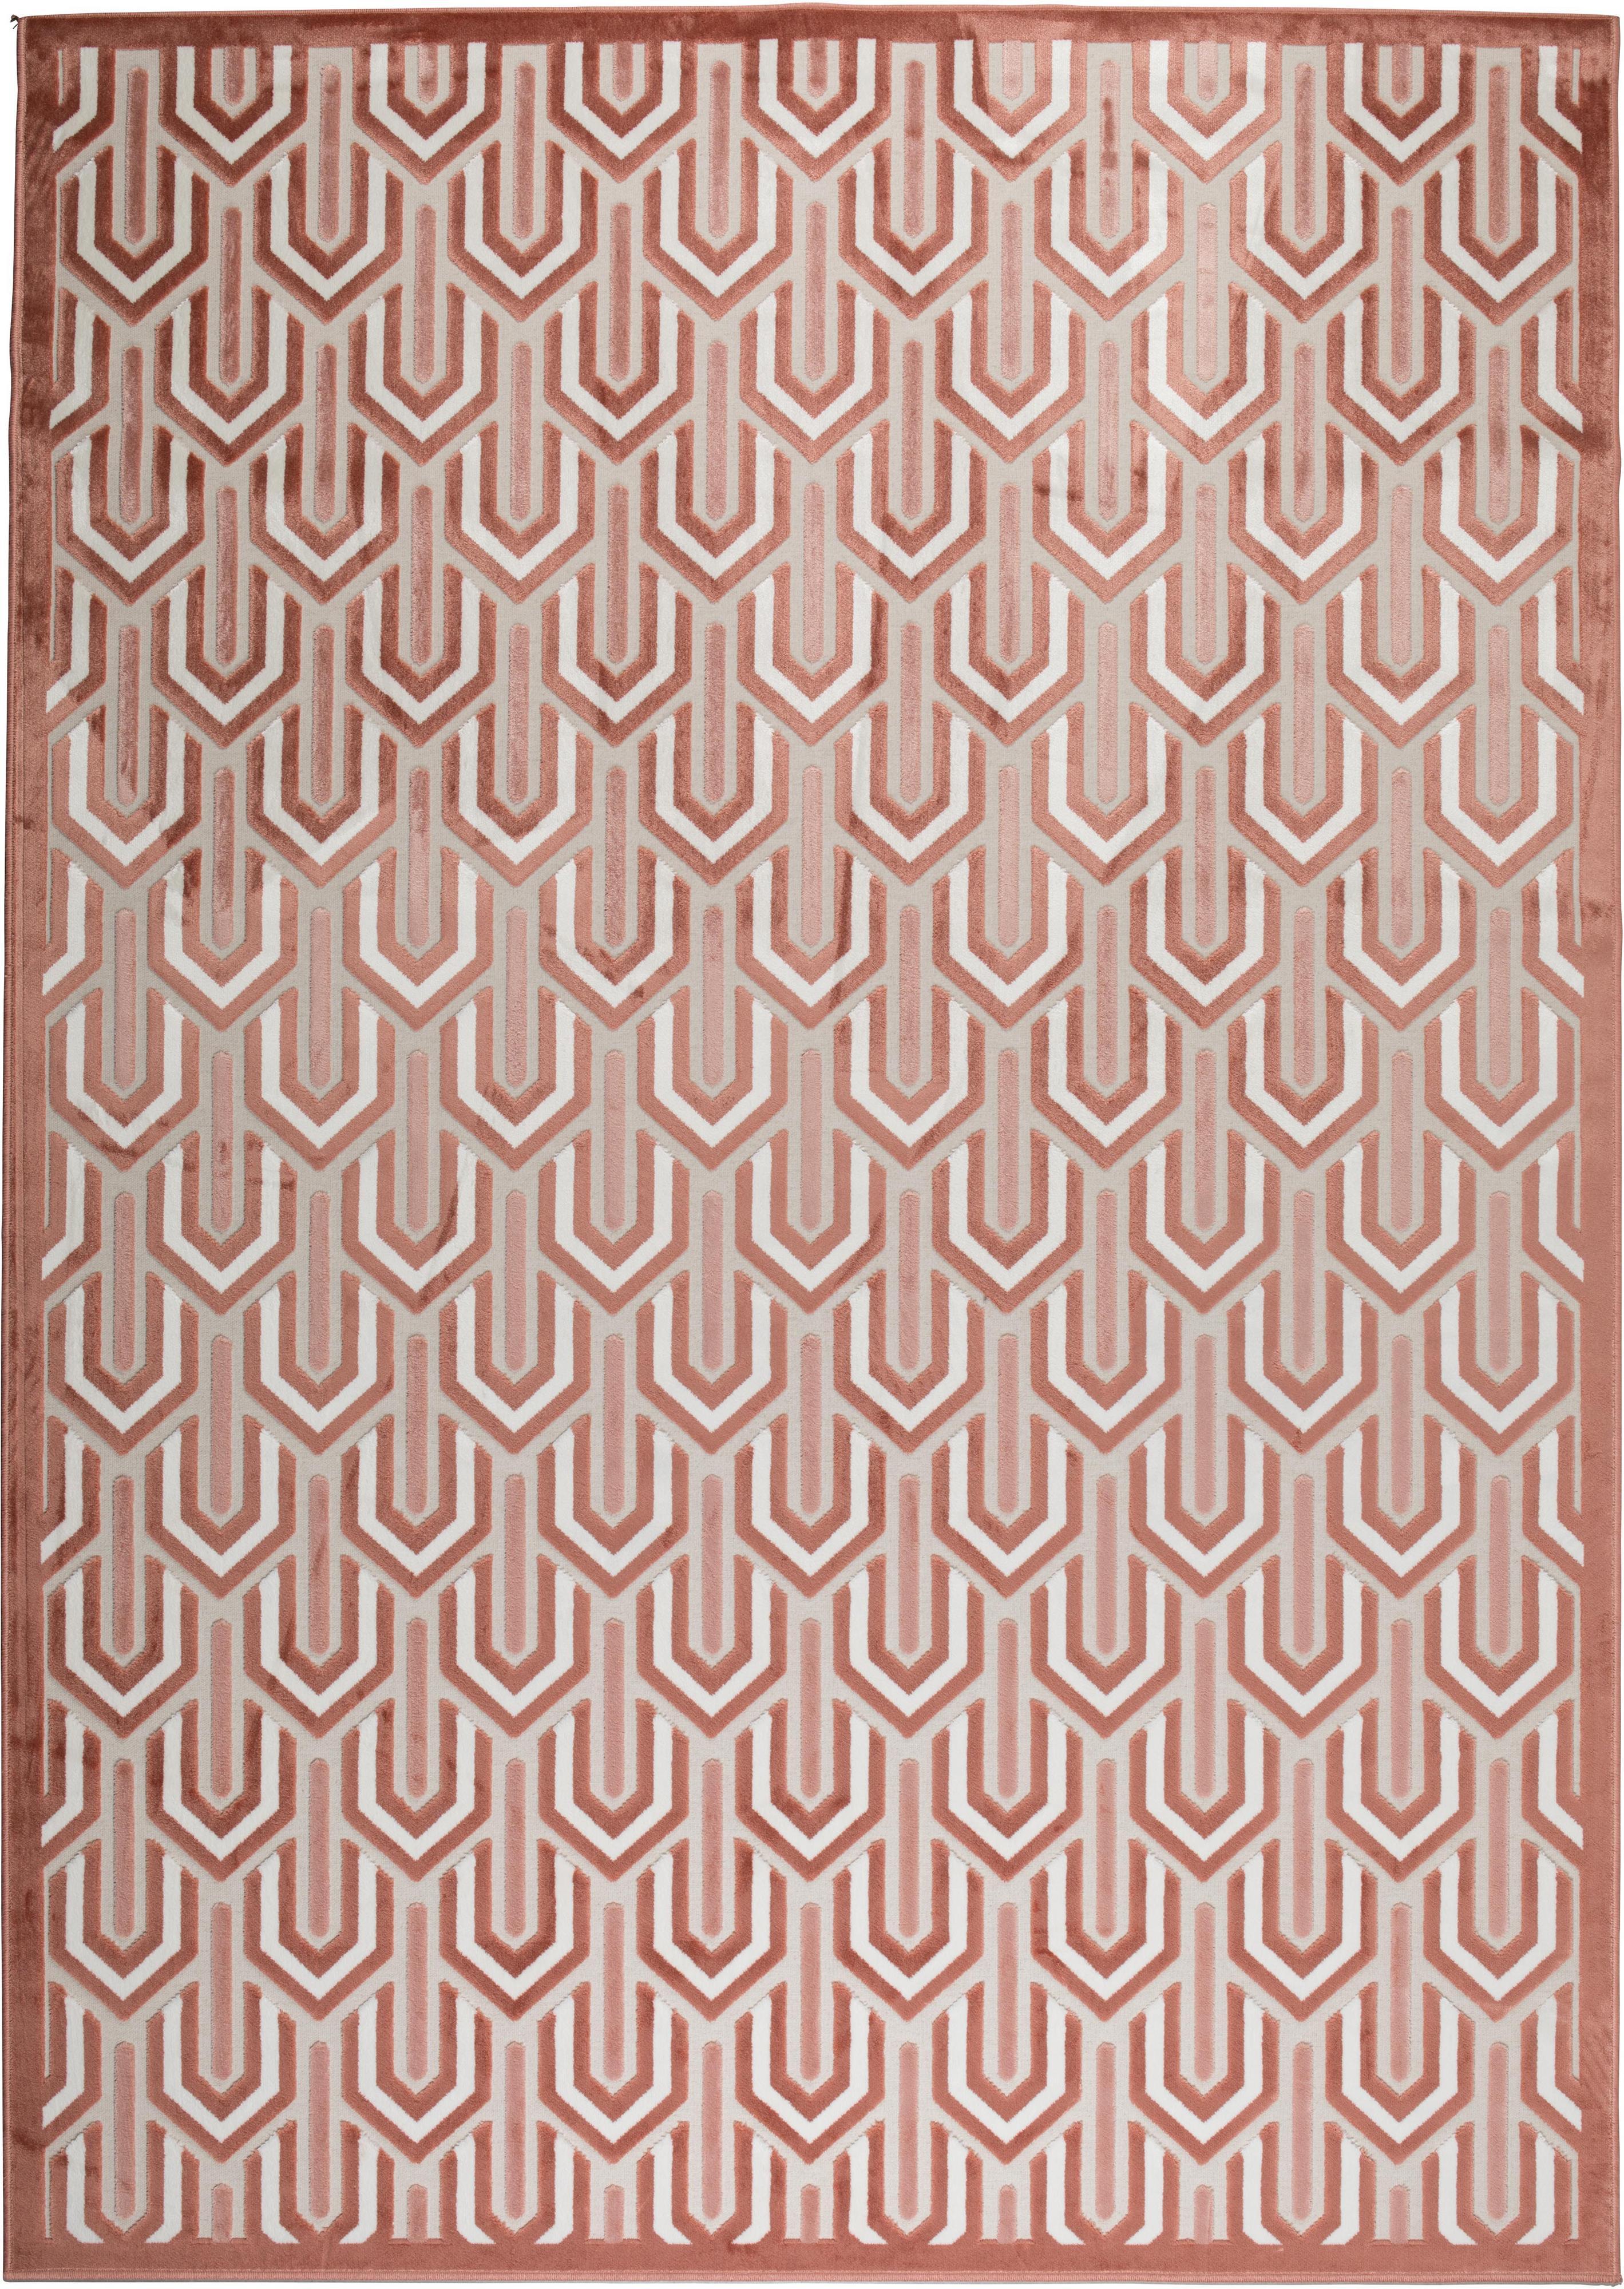 Dywan z wypukła strukturą Beverly, Blady różowy, brudny różowy, jasny beżowy, S 170 x D 240 cm